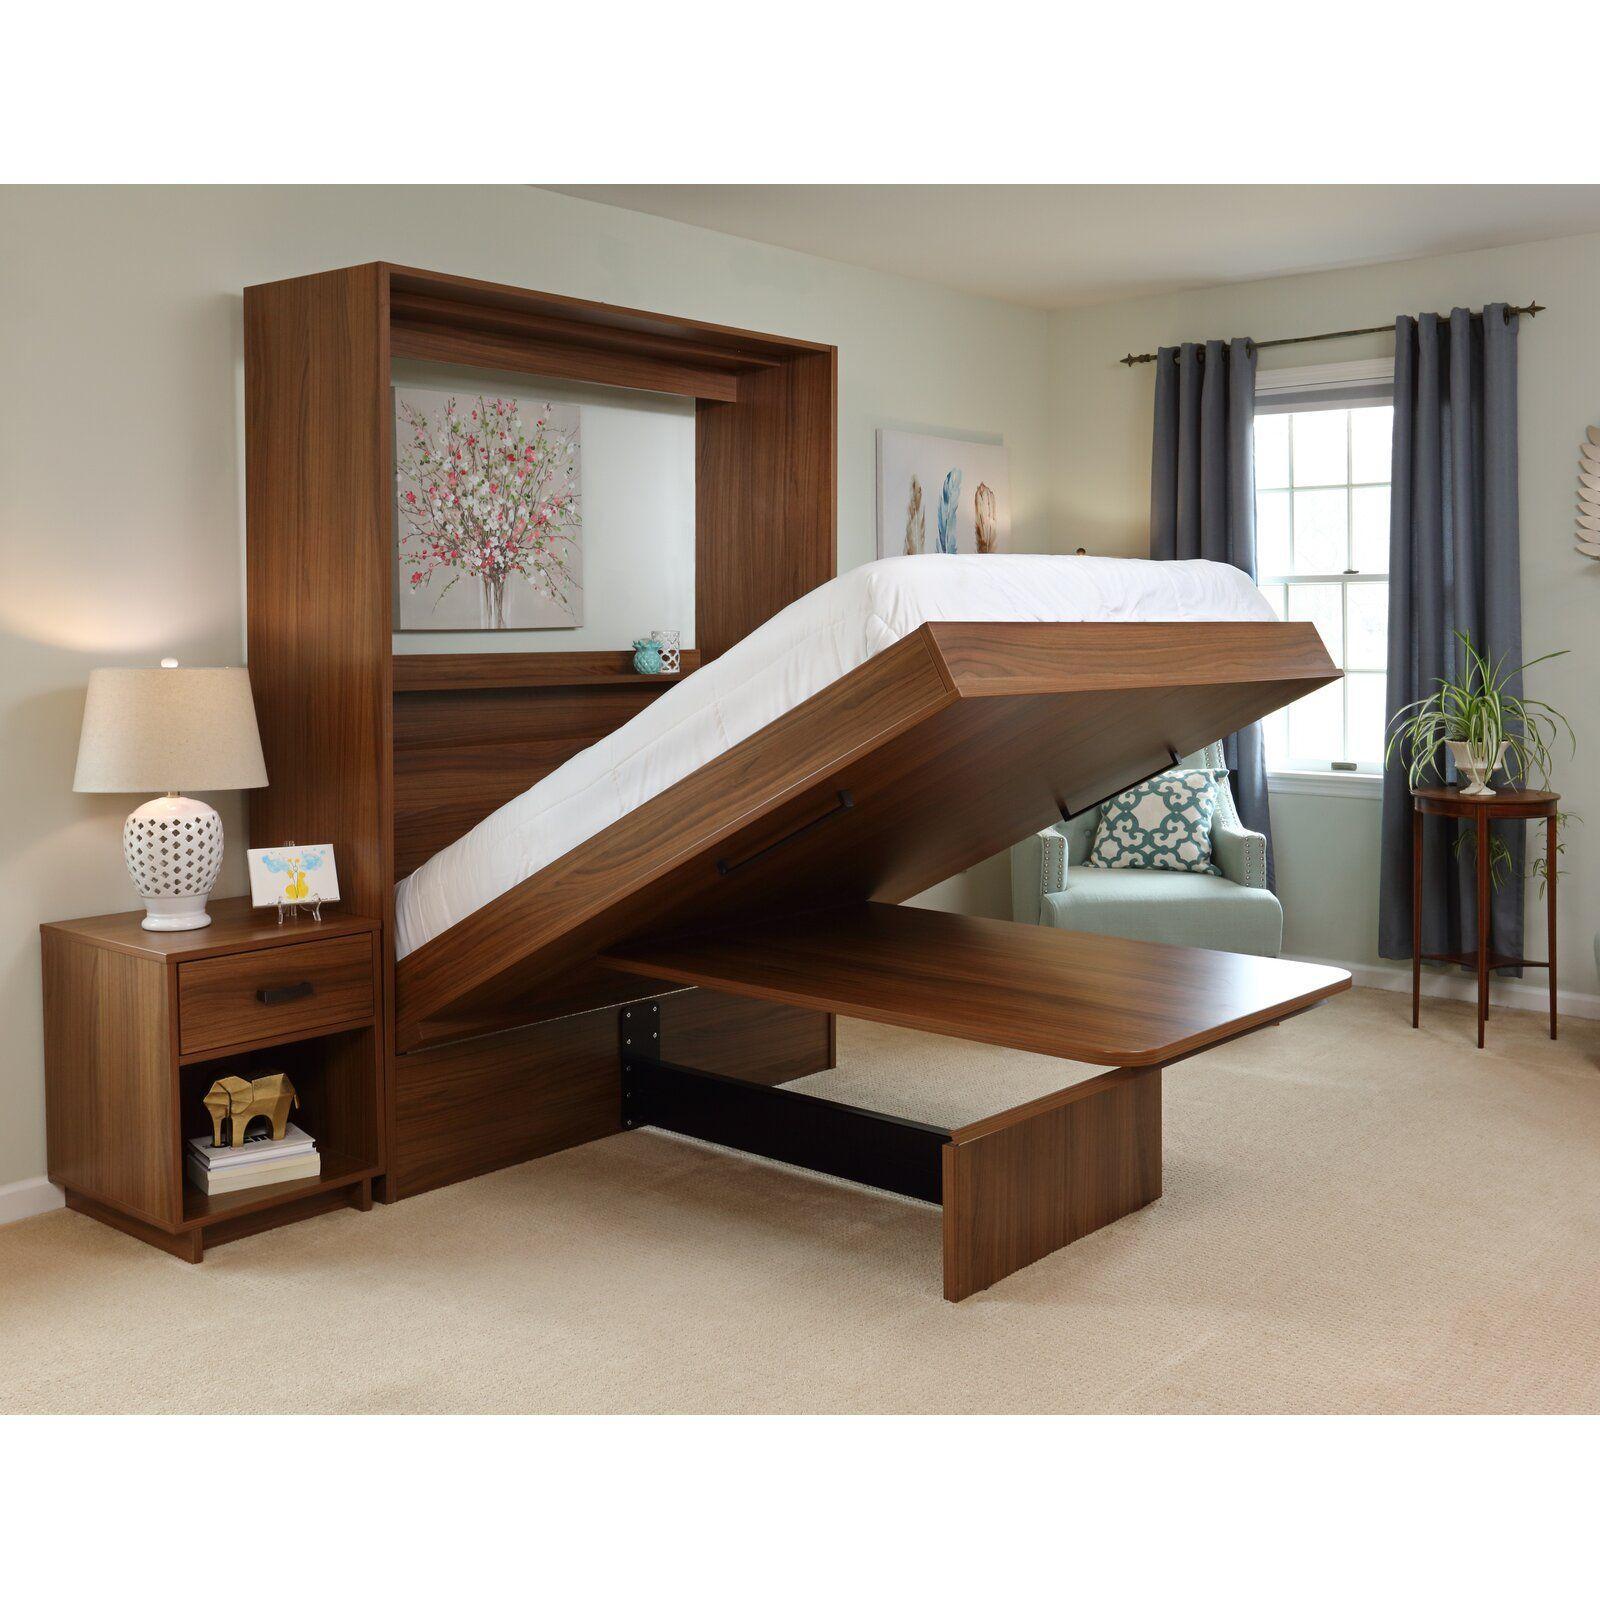 Nội thất phòng ngủ thông minh 4